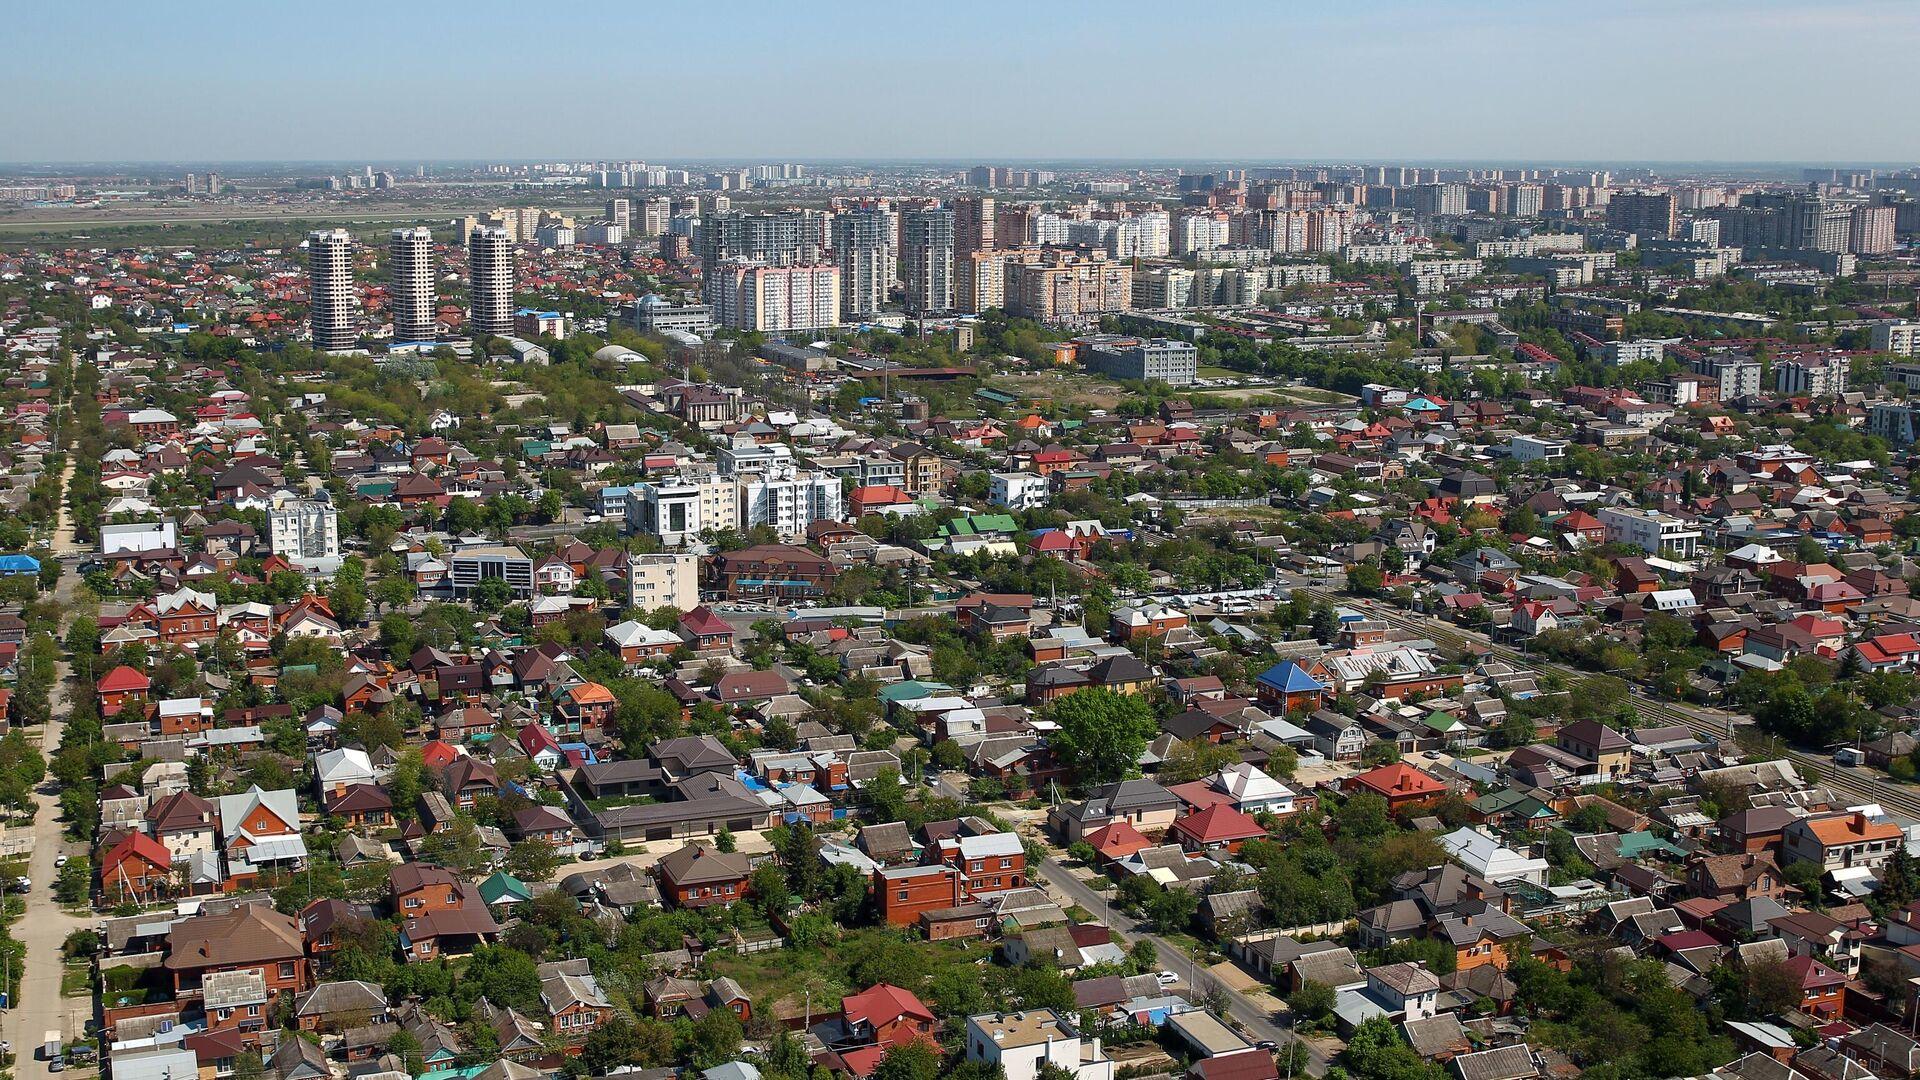 1570854877 0:160:3072:1888 1920x0 80 0 0 760aba5f2dd114c05ba933dc320dba91 - Стал известно, сколько инвестировали в торговую отрасль Кубани за полгода